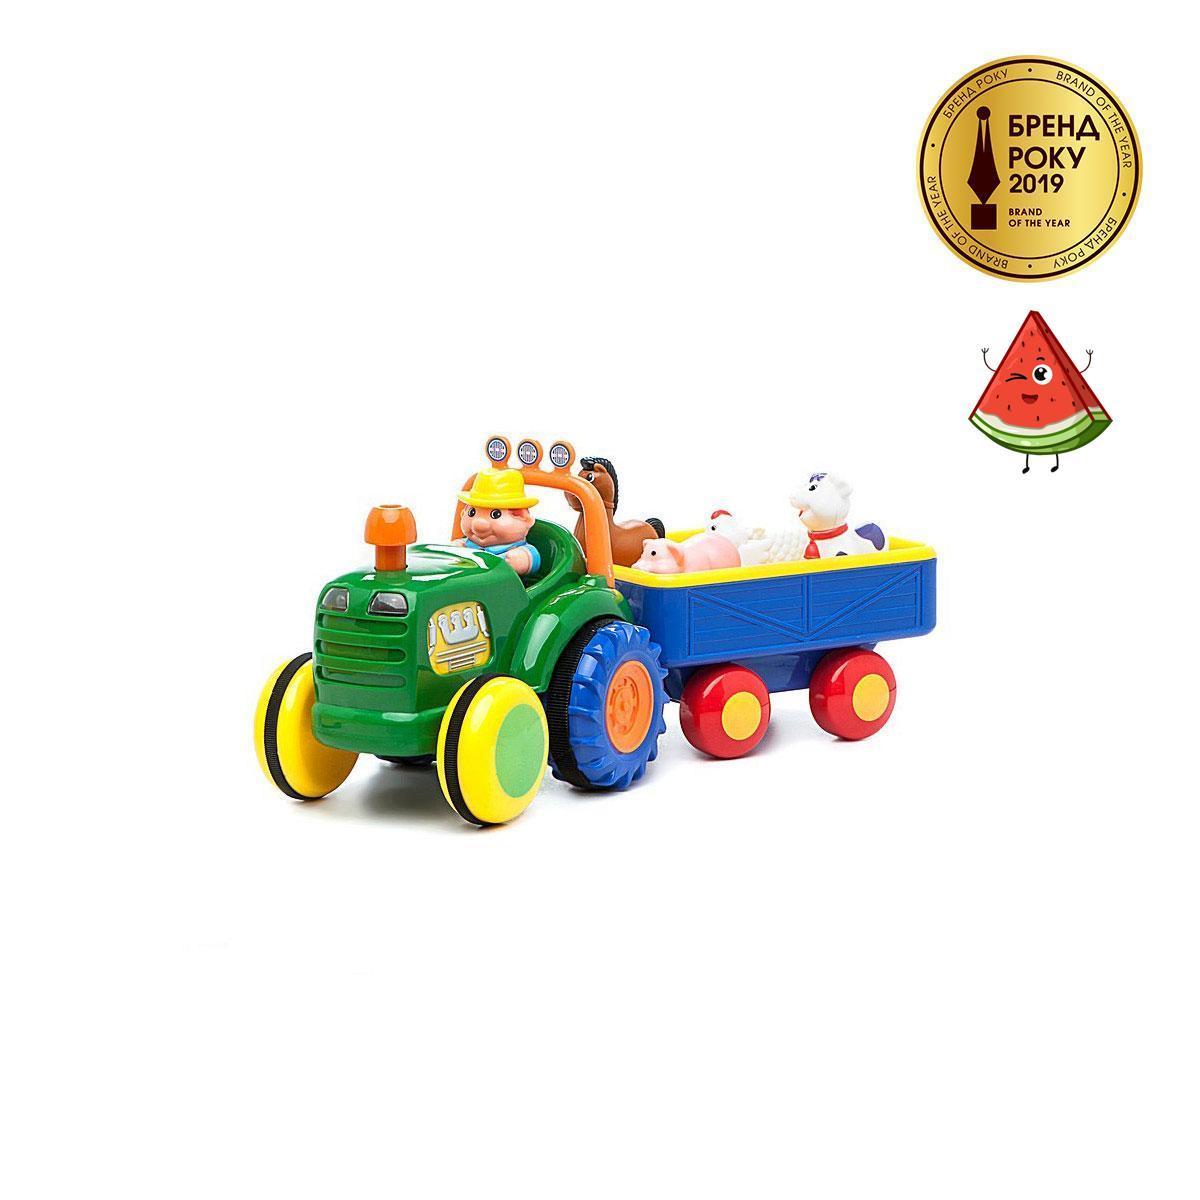 Трактор фермера Kiddieland 024753 озвучений українською